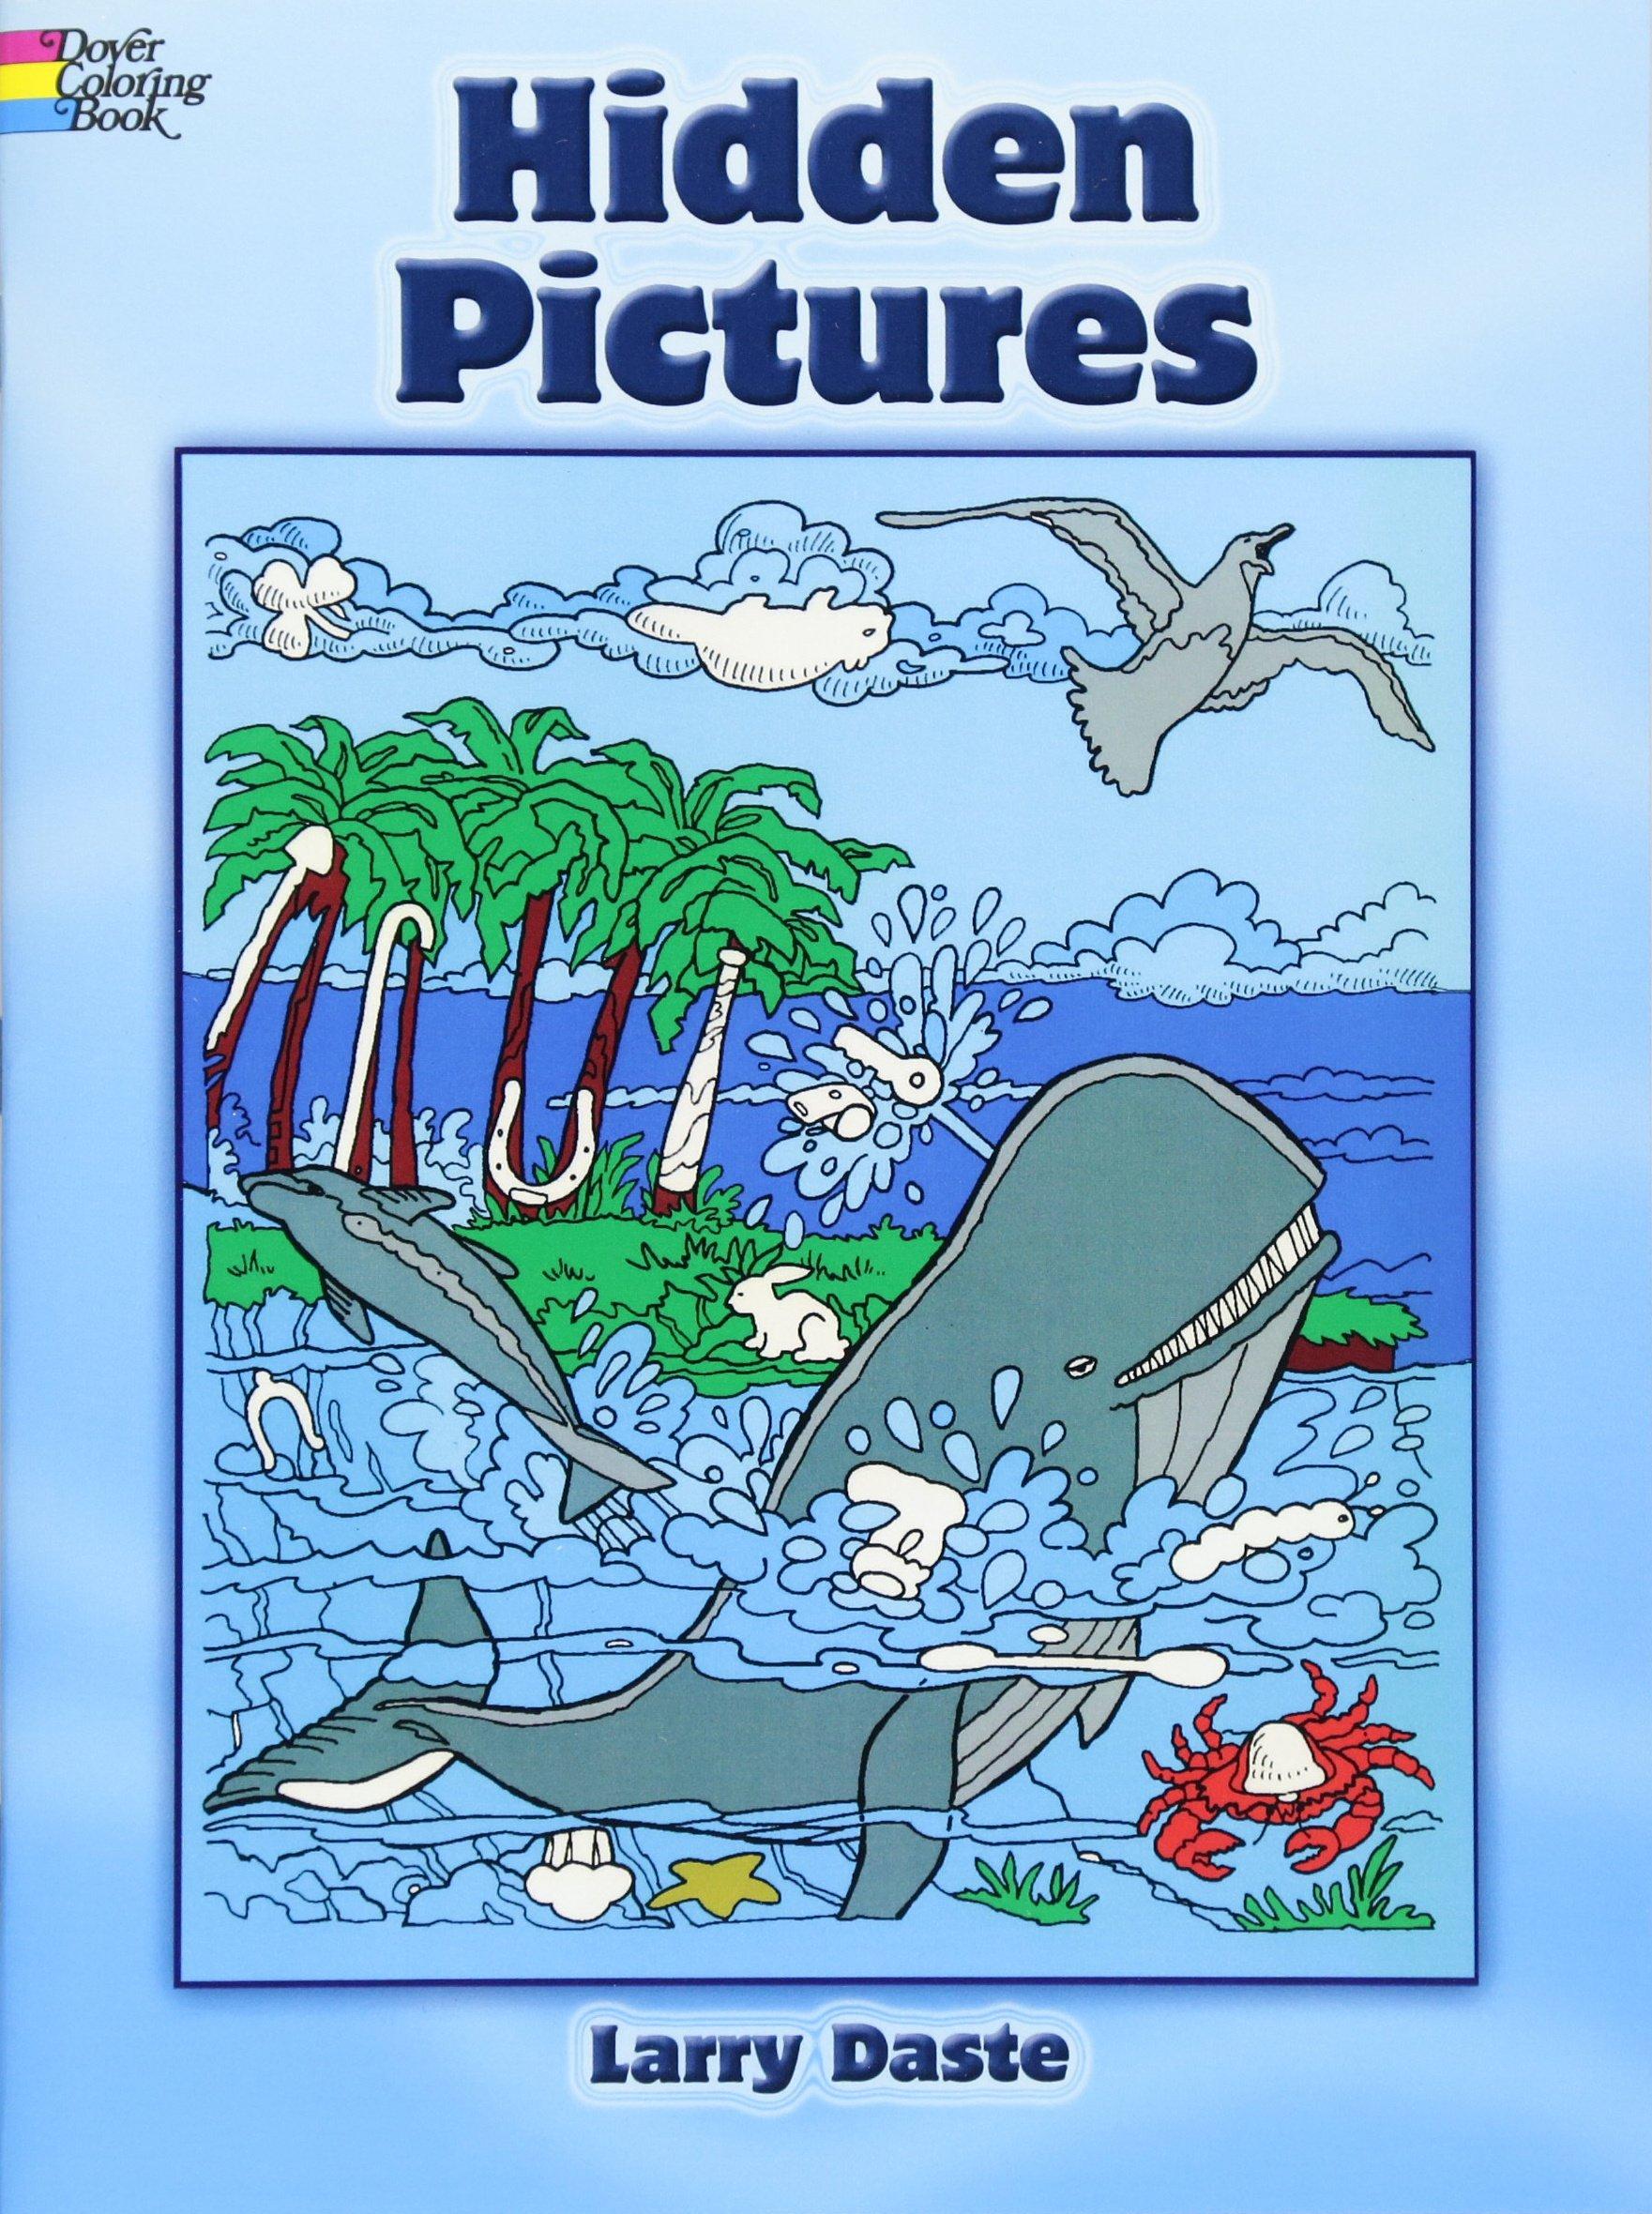 Hidden Pictures (Dover Children's Activity Books) ebook